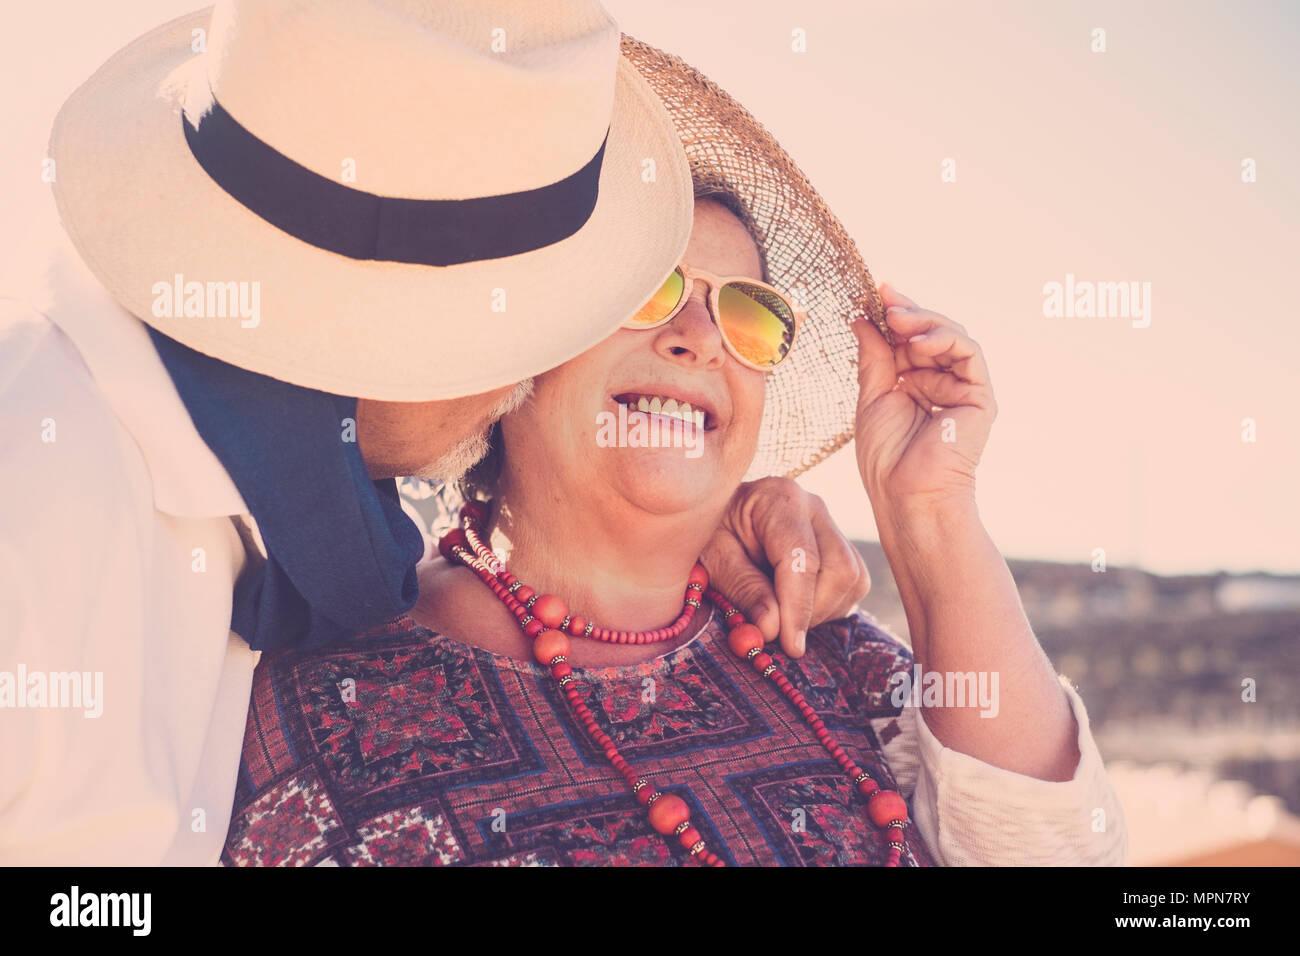 Erwachsene Menschen zusammen mit Kuss und Umarmung unter der Sonne Aufenthalt mit Hut und Sonnenbrille und Halskette. Wahre Liebe für immer zusammen Konzept Stockbild